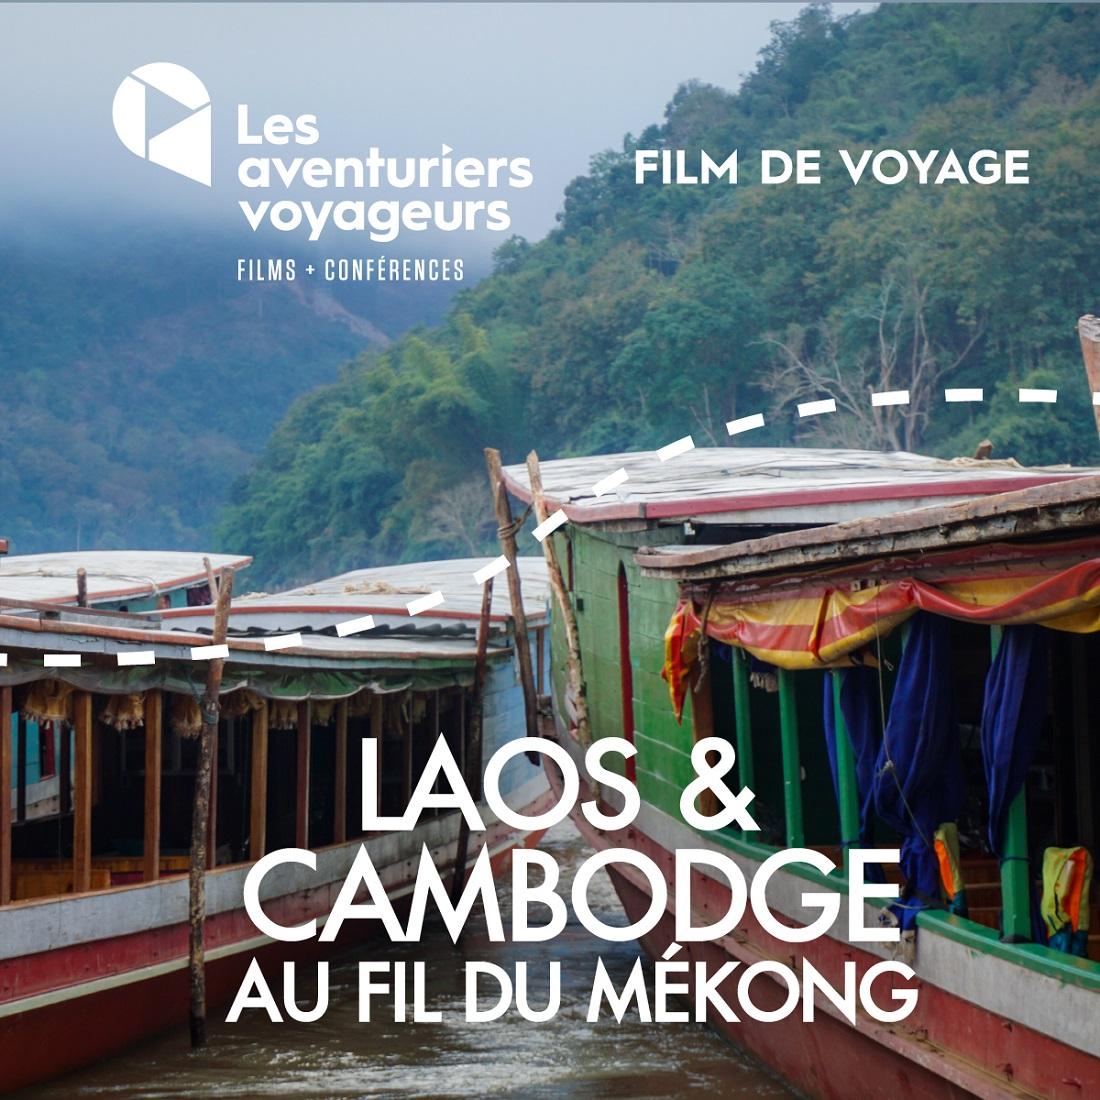 Film voyage de février: Laos et Cambodge, au fil du Mékong!